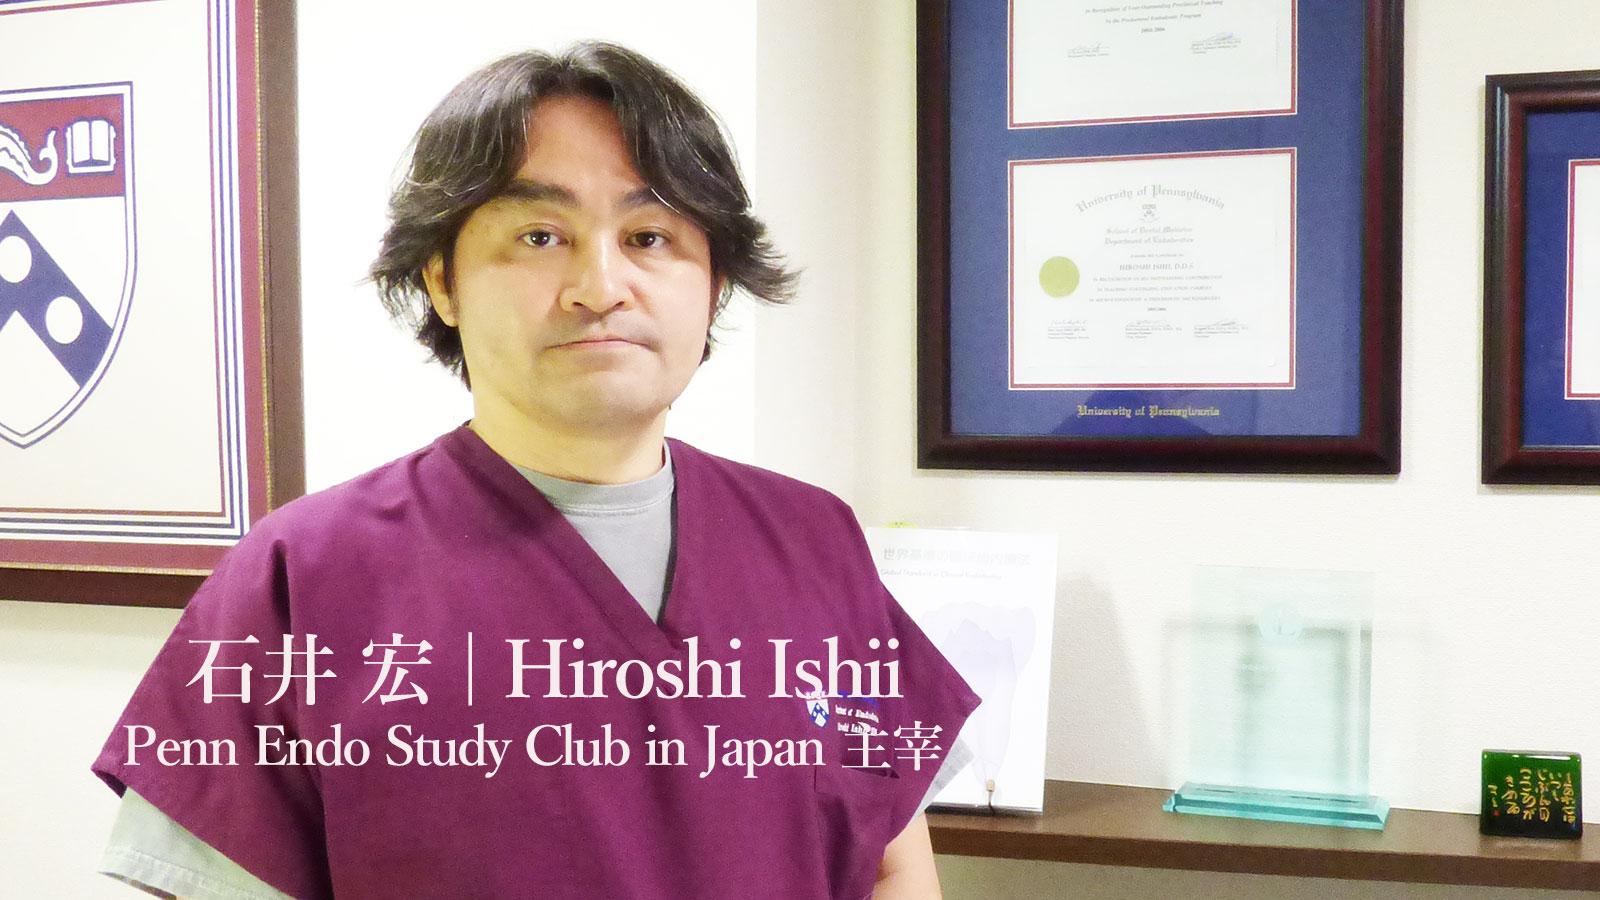 石井宏先生 前編『日米間における歯内療法の格差とは』